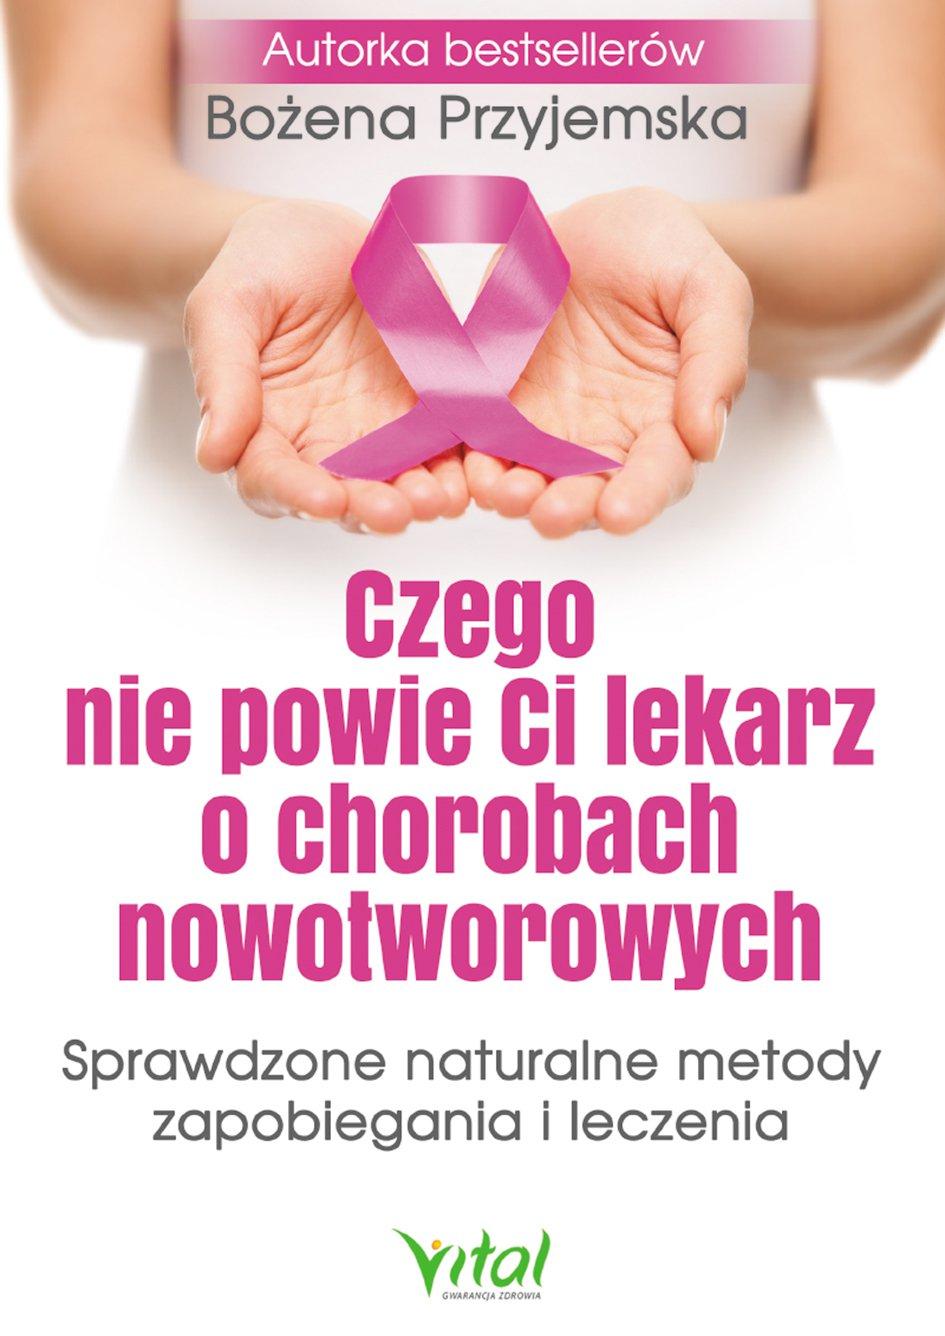 Czego nie powie Ci lekarz o chorobach nowotworowych. Sprawdzone naturalne metody zapobiegania i leczenia. - Ebook (Książka PDF) do pobrania w formacie PDF